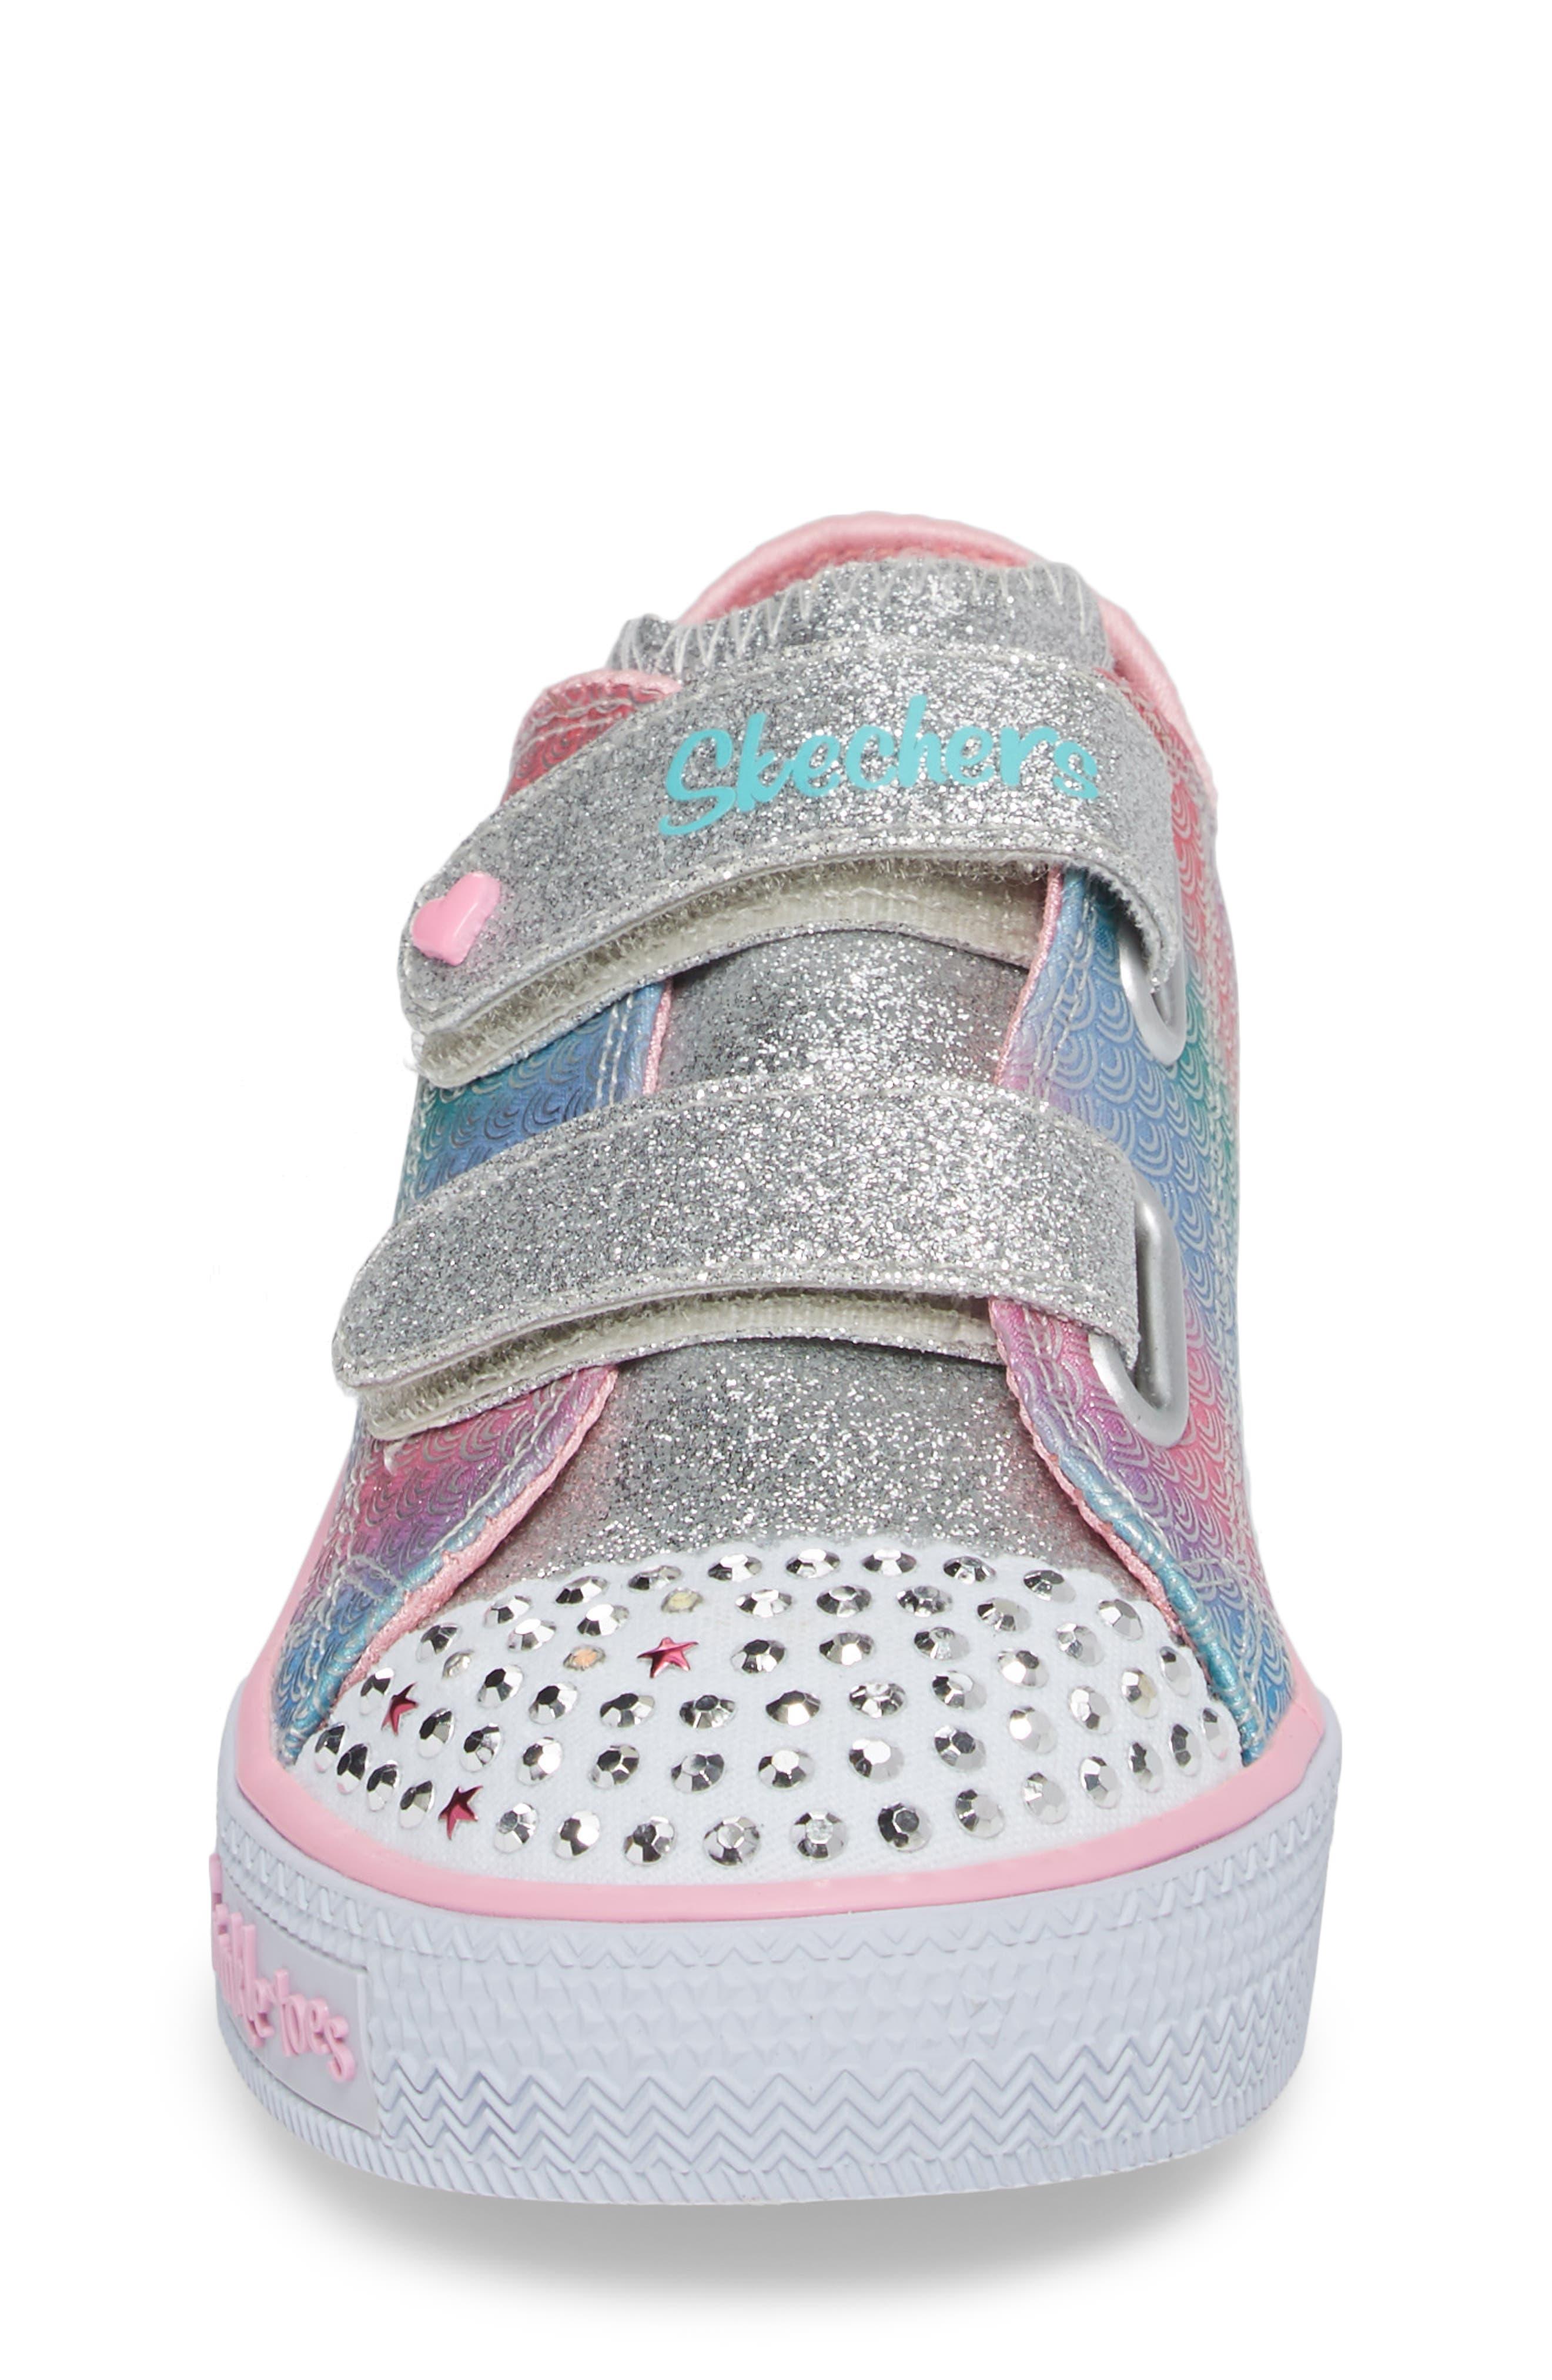 Shuffles - Itsy Bitsy Light-Up Sneaker,                             Alternate thumbnail 17, color,